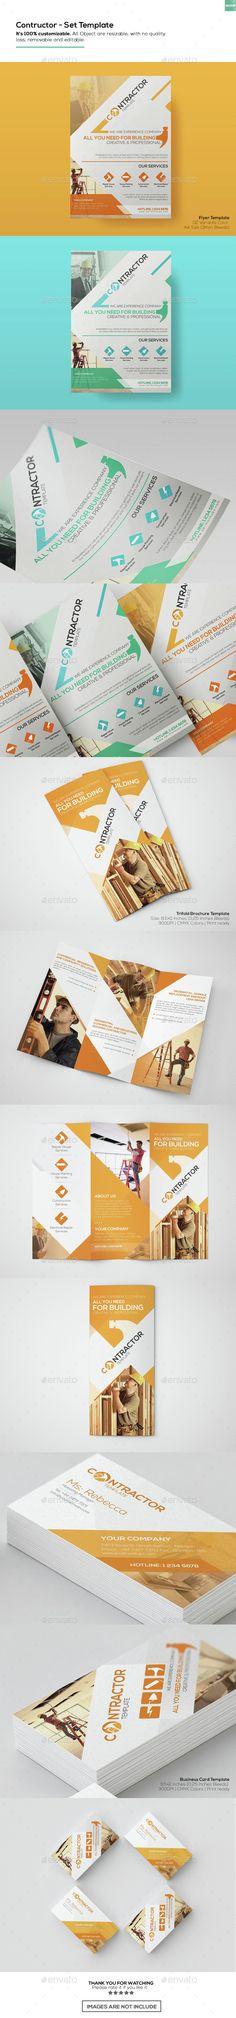 Contractor - Set Templates - Informational #Brochures   Download http://graphicriver.net/item/contractor-set-templates/15314033?ref=sinzo